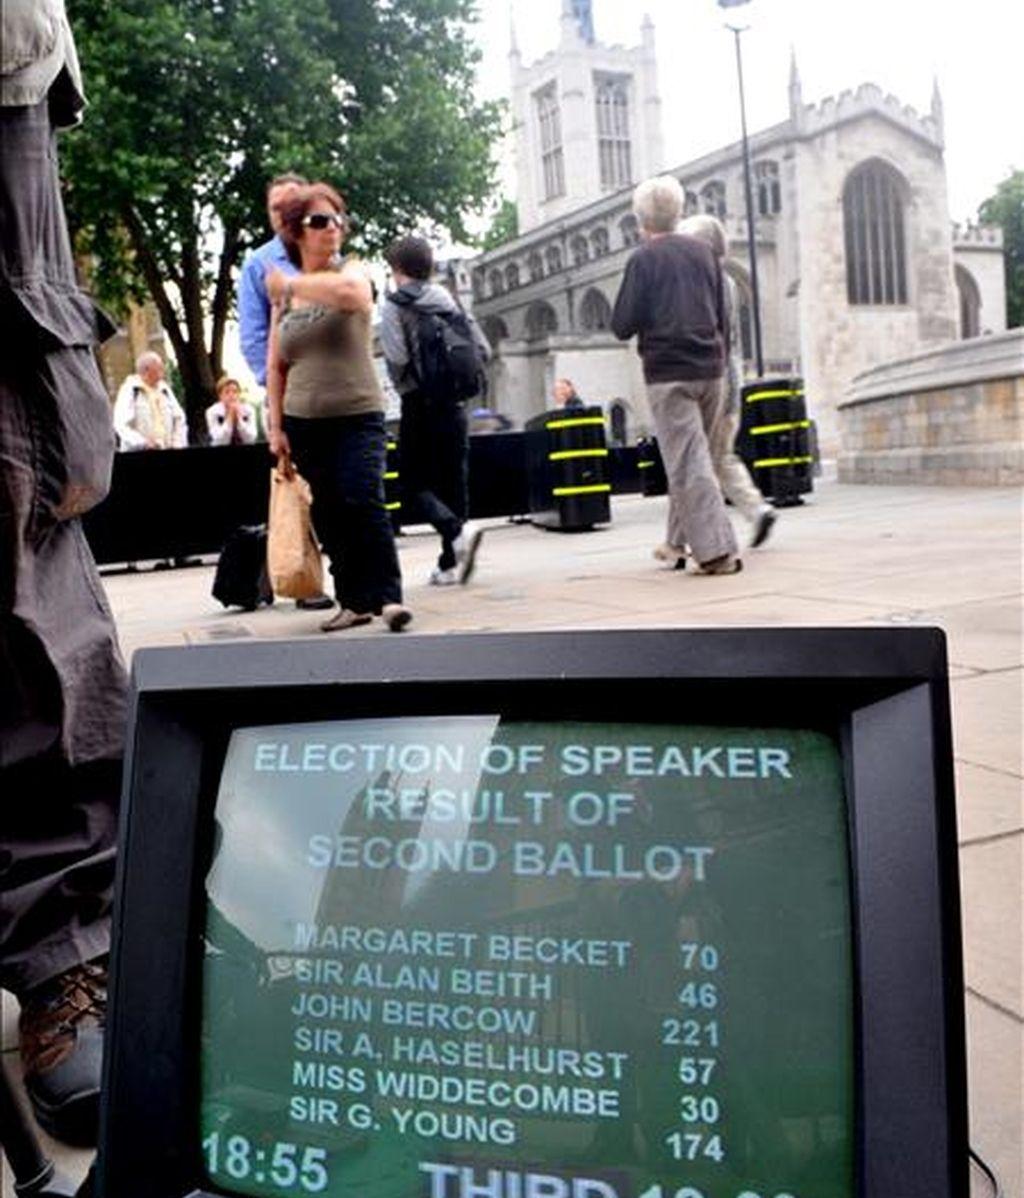 Un monitor situado en el exterior del Parlamento británico muestra los resultados de la segunda votación para elegir al nuevo presidente de la Cámara de los Comunes. EFE